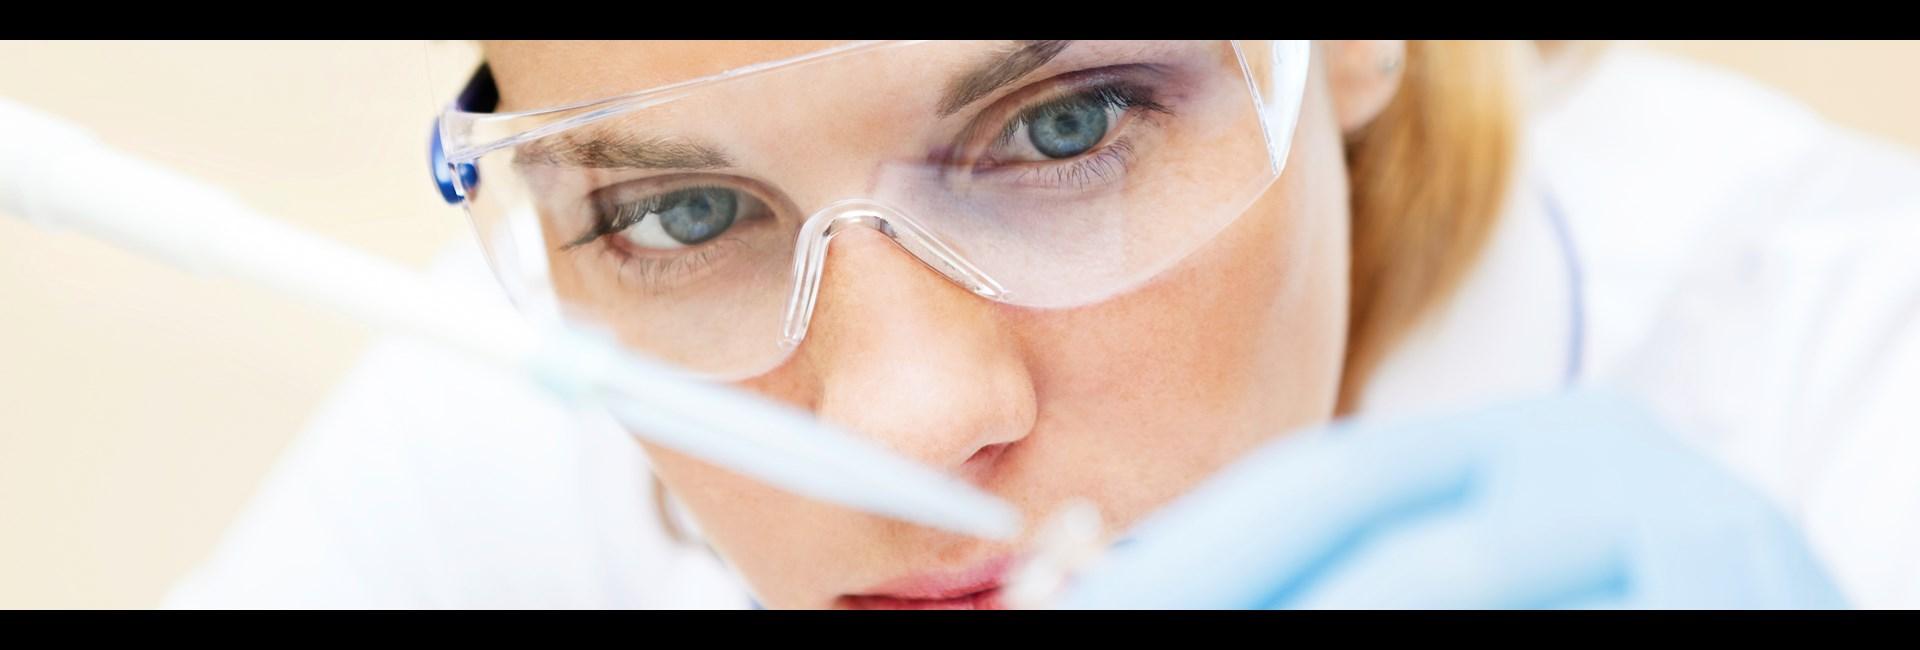 El personal de Ingenasa redujo el tiempo de desarrollo para obtener análisis serológicos de entre seis y nueve meses a sólo dos